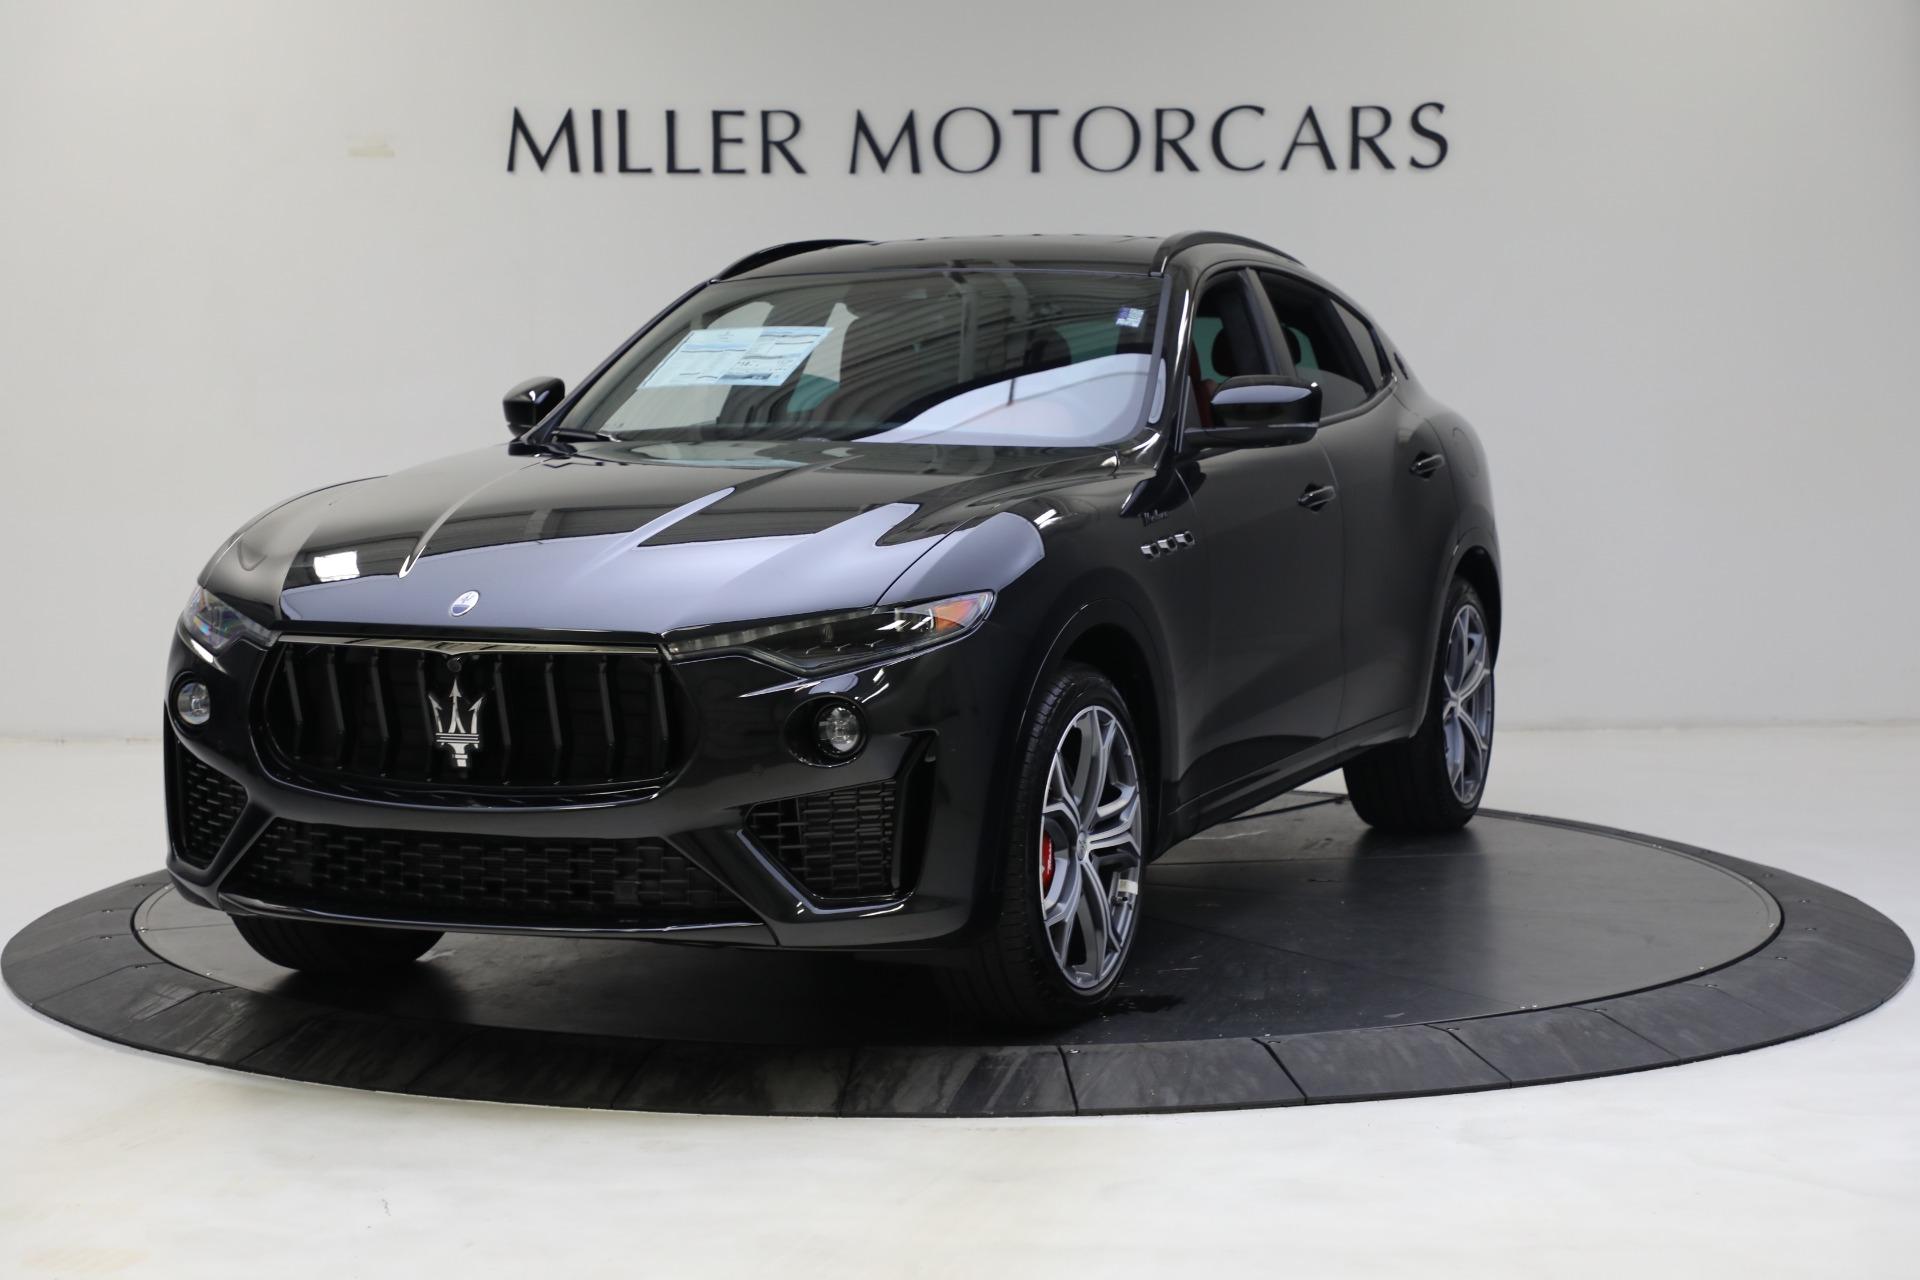 New 2022 Maserati Levante Modena for sale $113,375 at McLaren Greenwich in Greenwich CT 06830 1